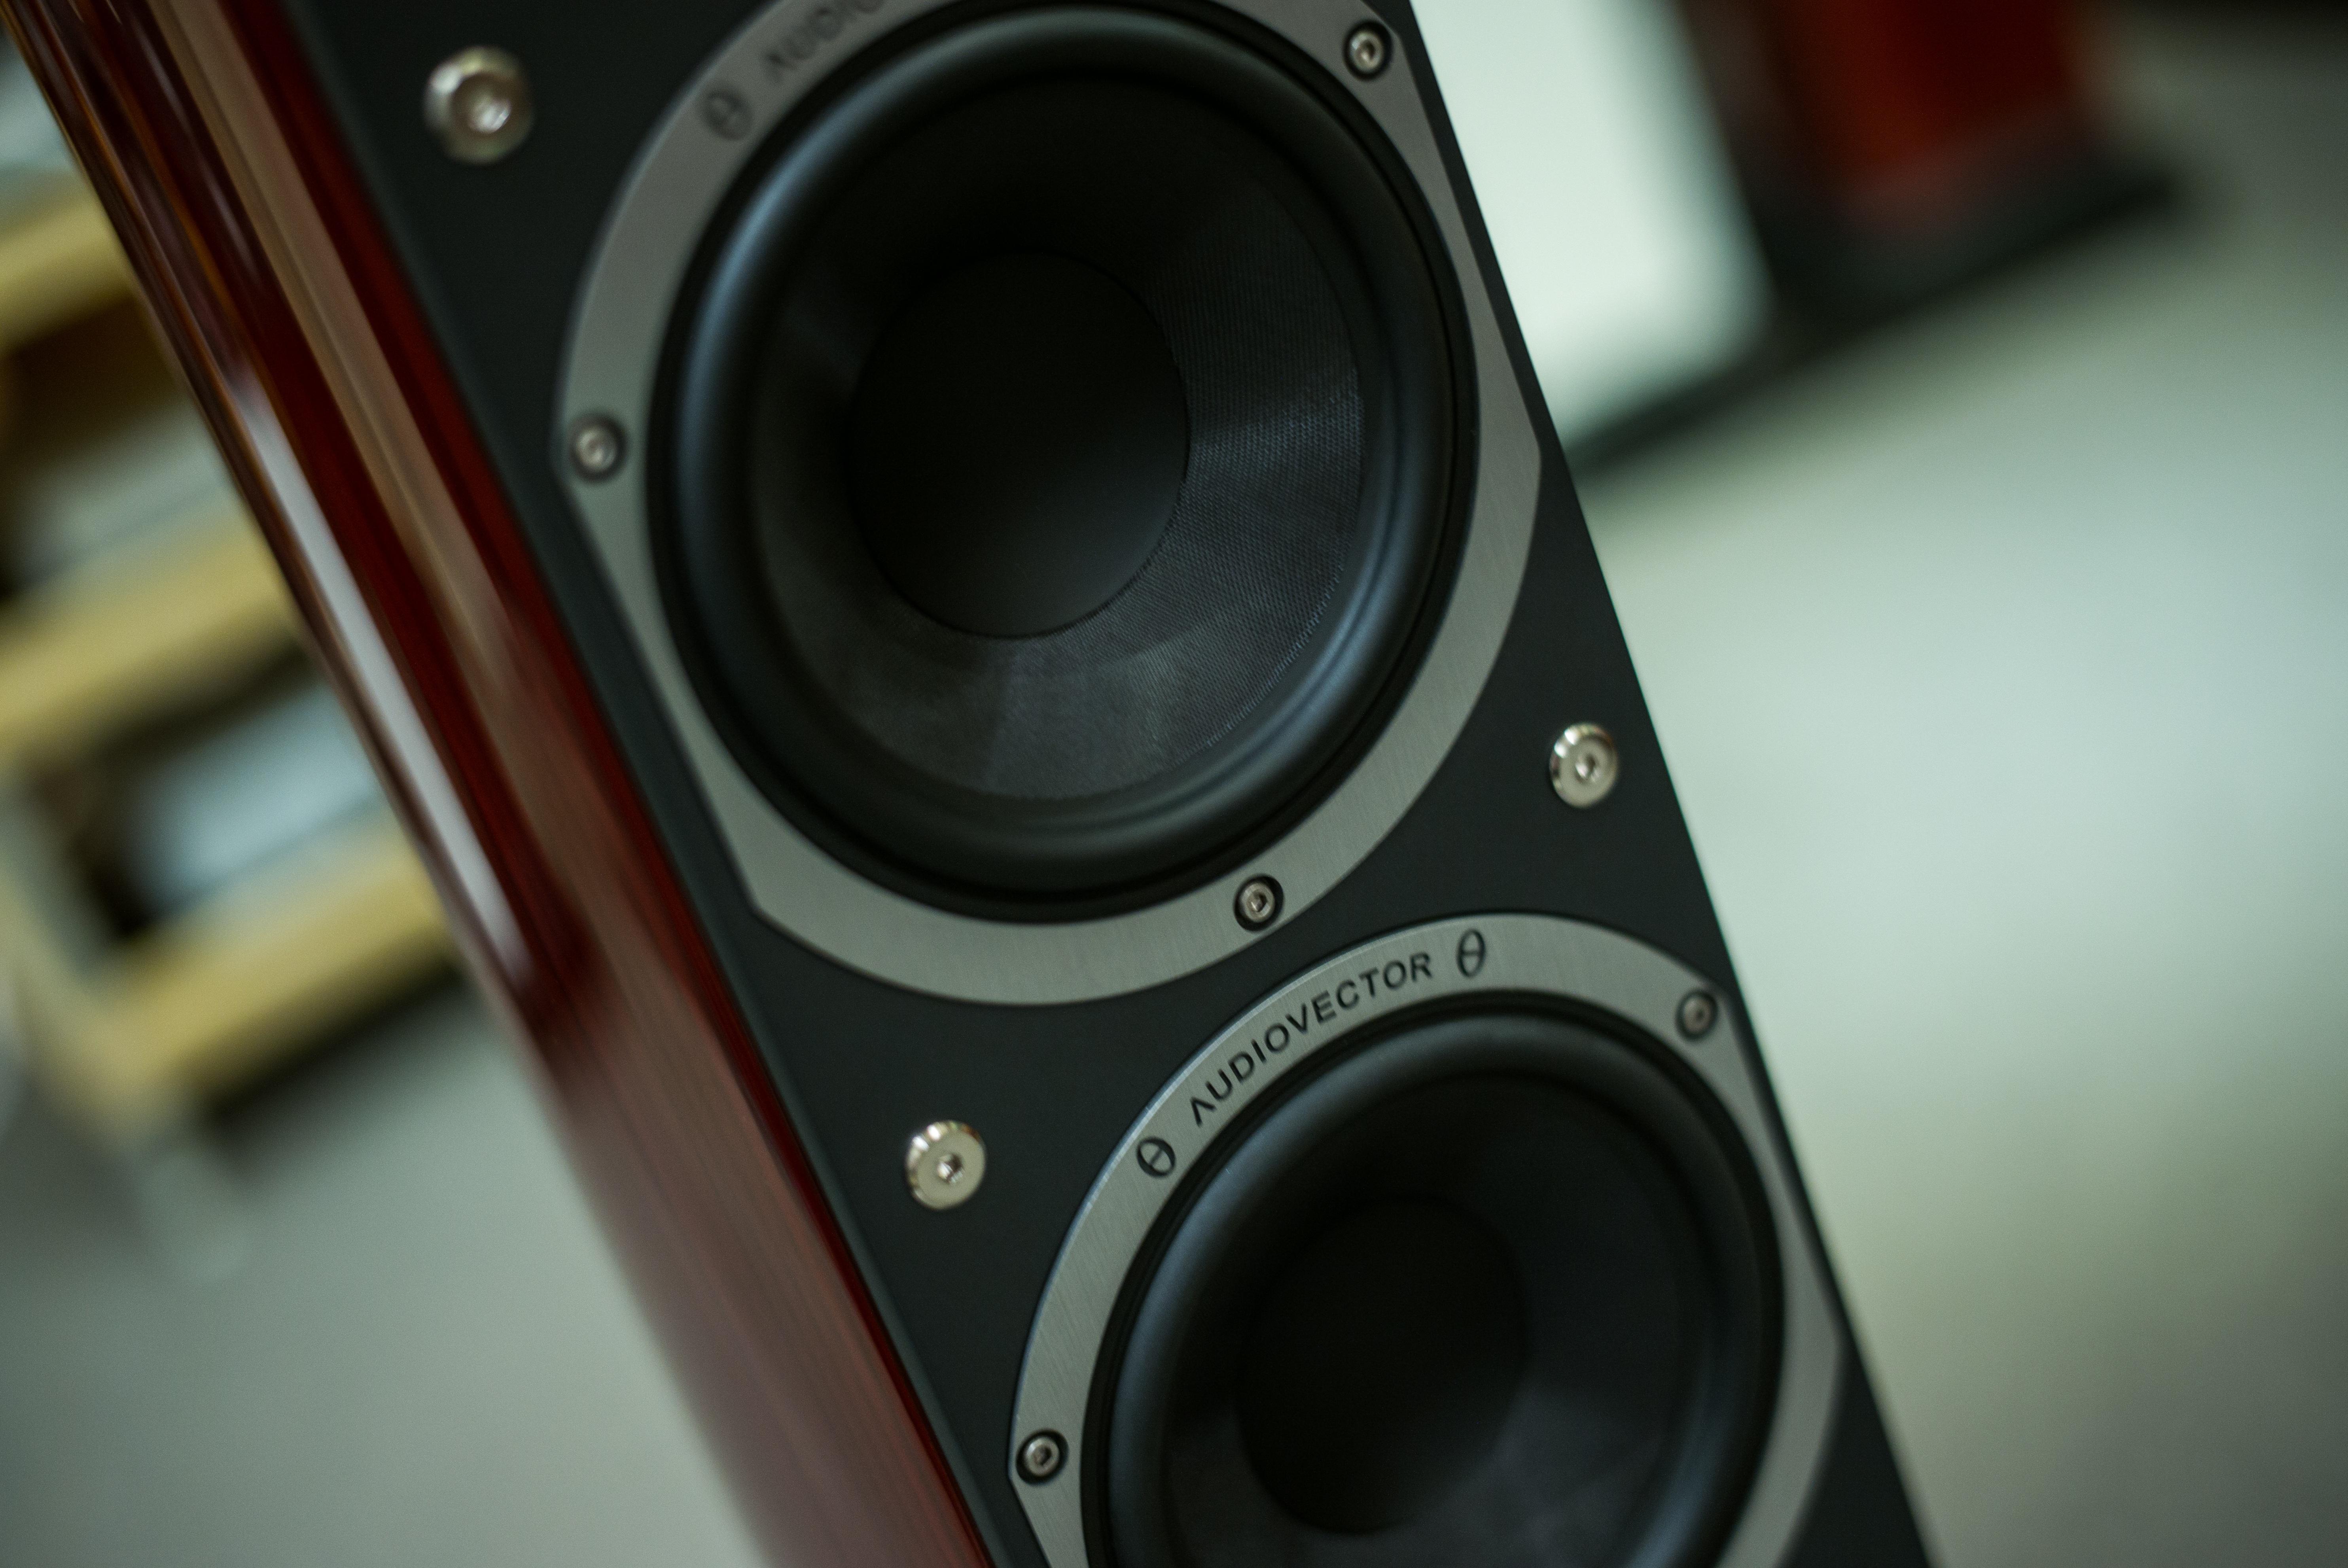 Gambar Musik Teknologi Roda Pembicara Stereo Sistem